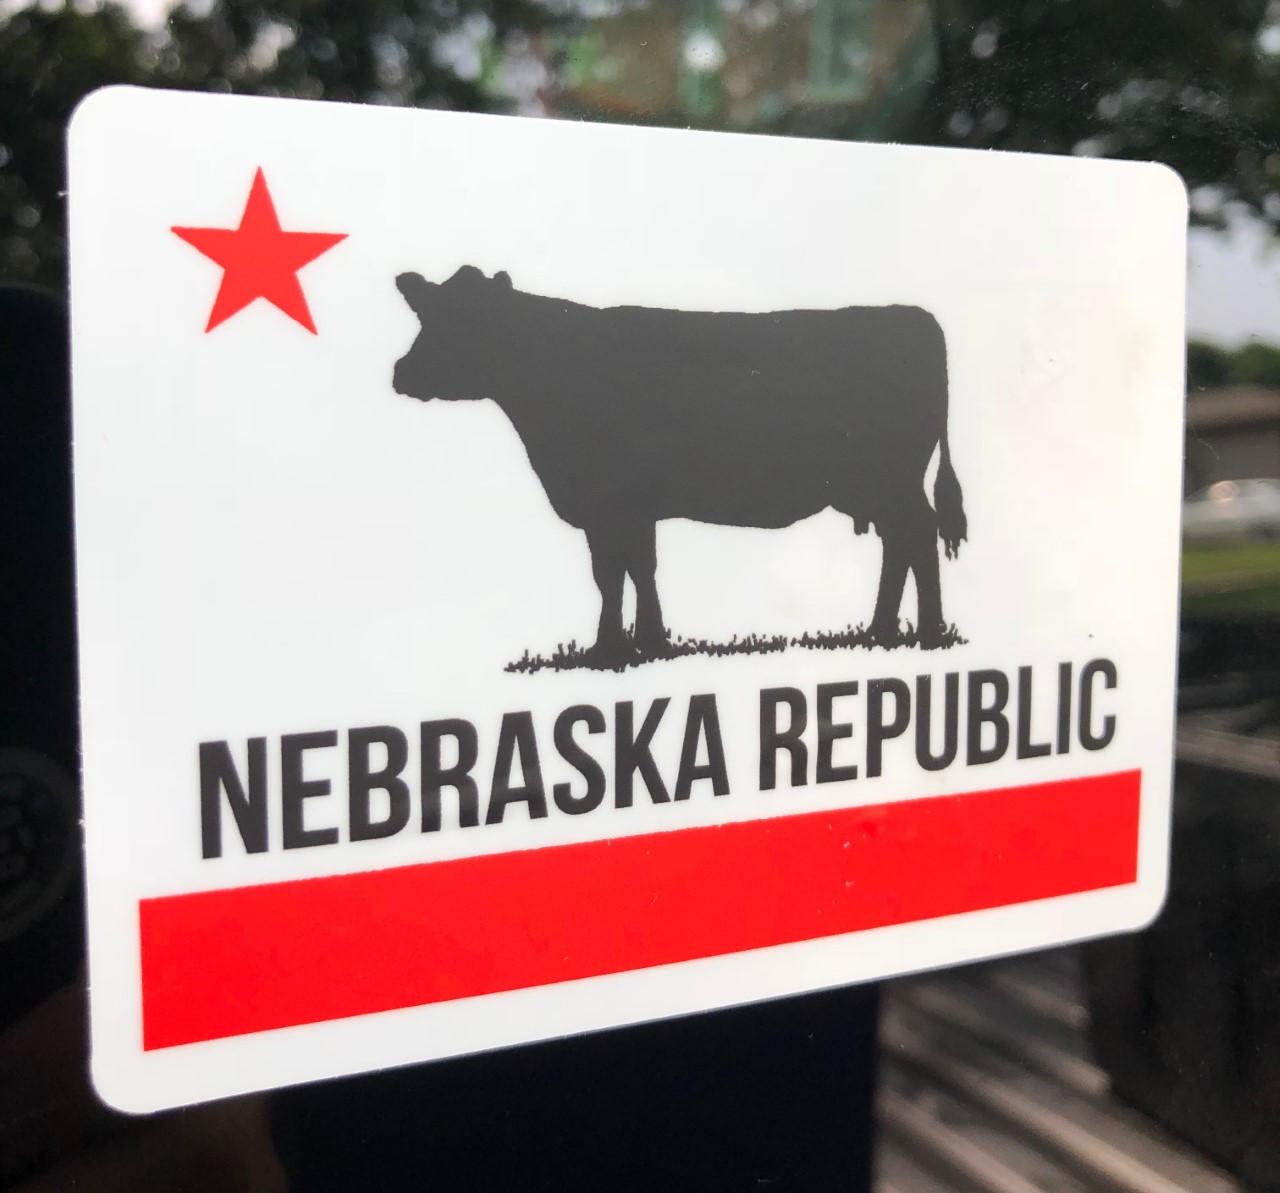 e03b606af4e Nebraska Republic sticker - bbbprinting.com